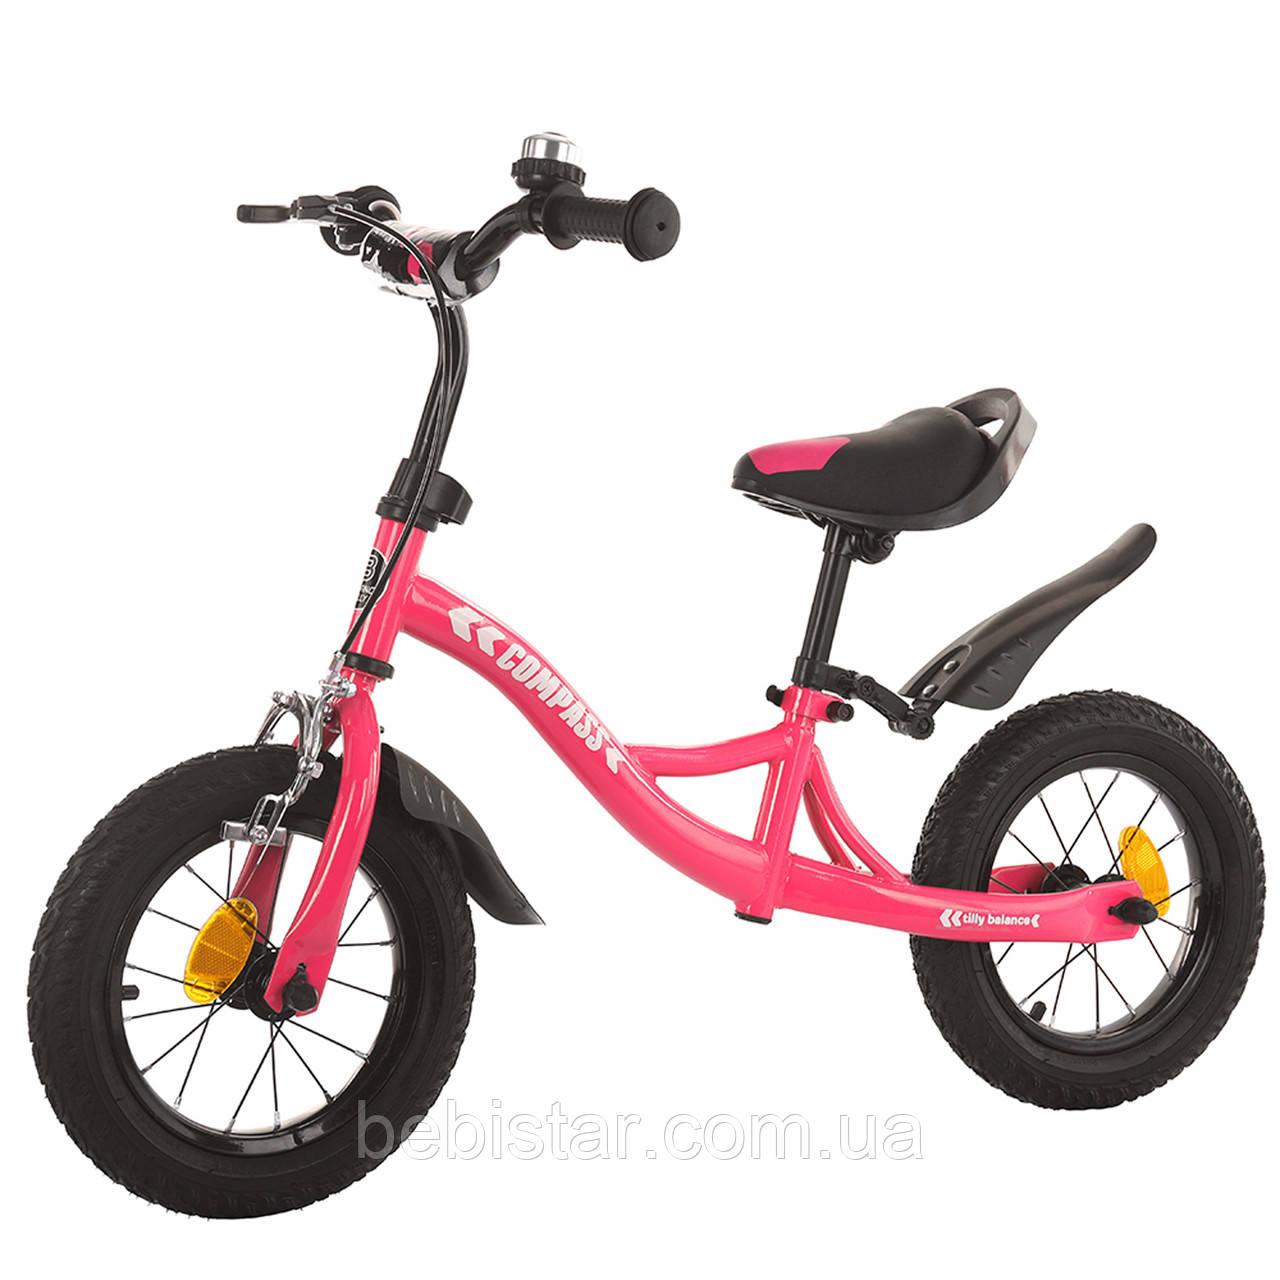 Беговел стальной розовый Tilly Compas крылья надувные колеса ручной тормоз звонок детям от 2-х до 5 лет